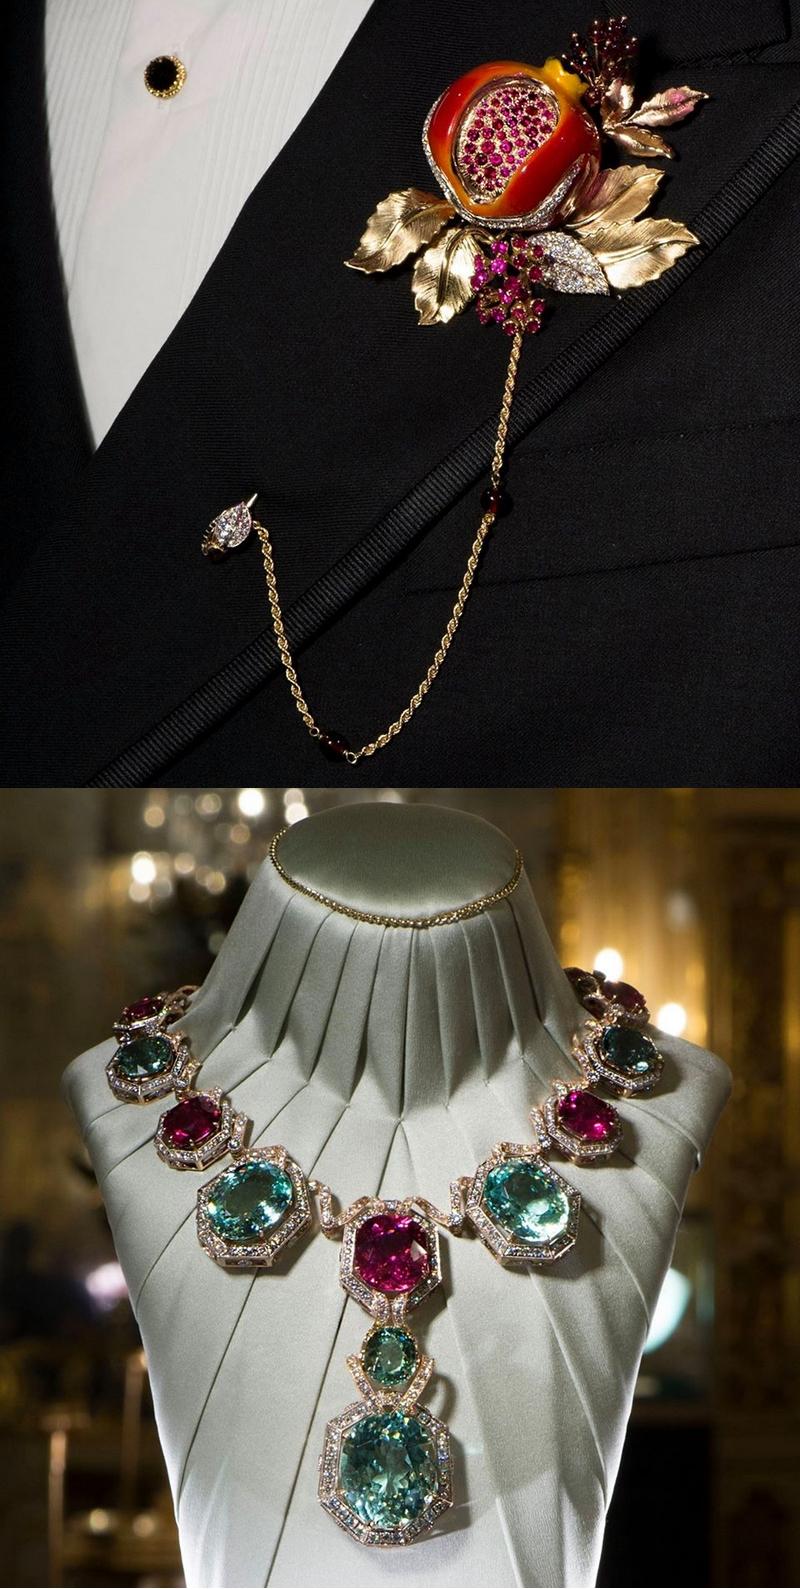 The Dolce&Gabbana Alta Gioielleria 2019